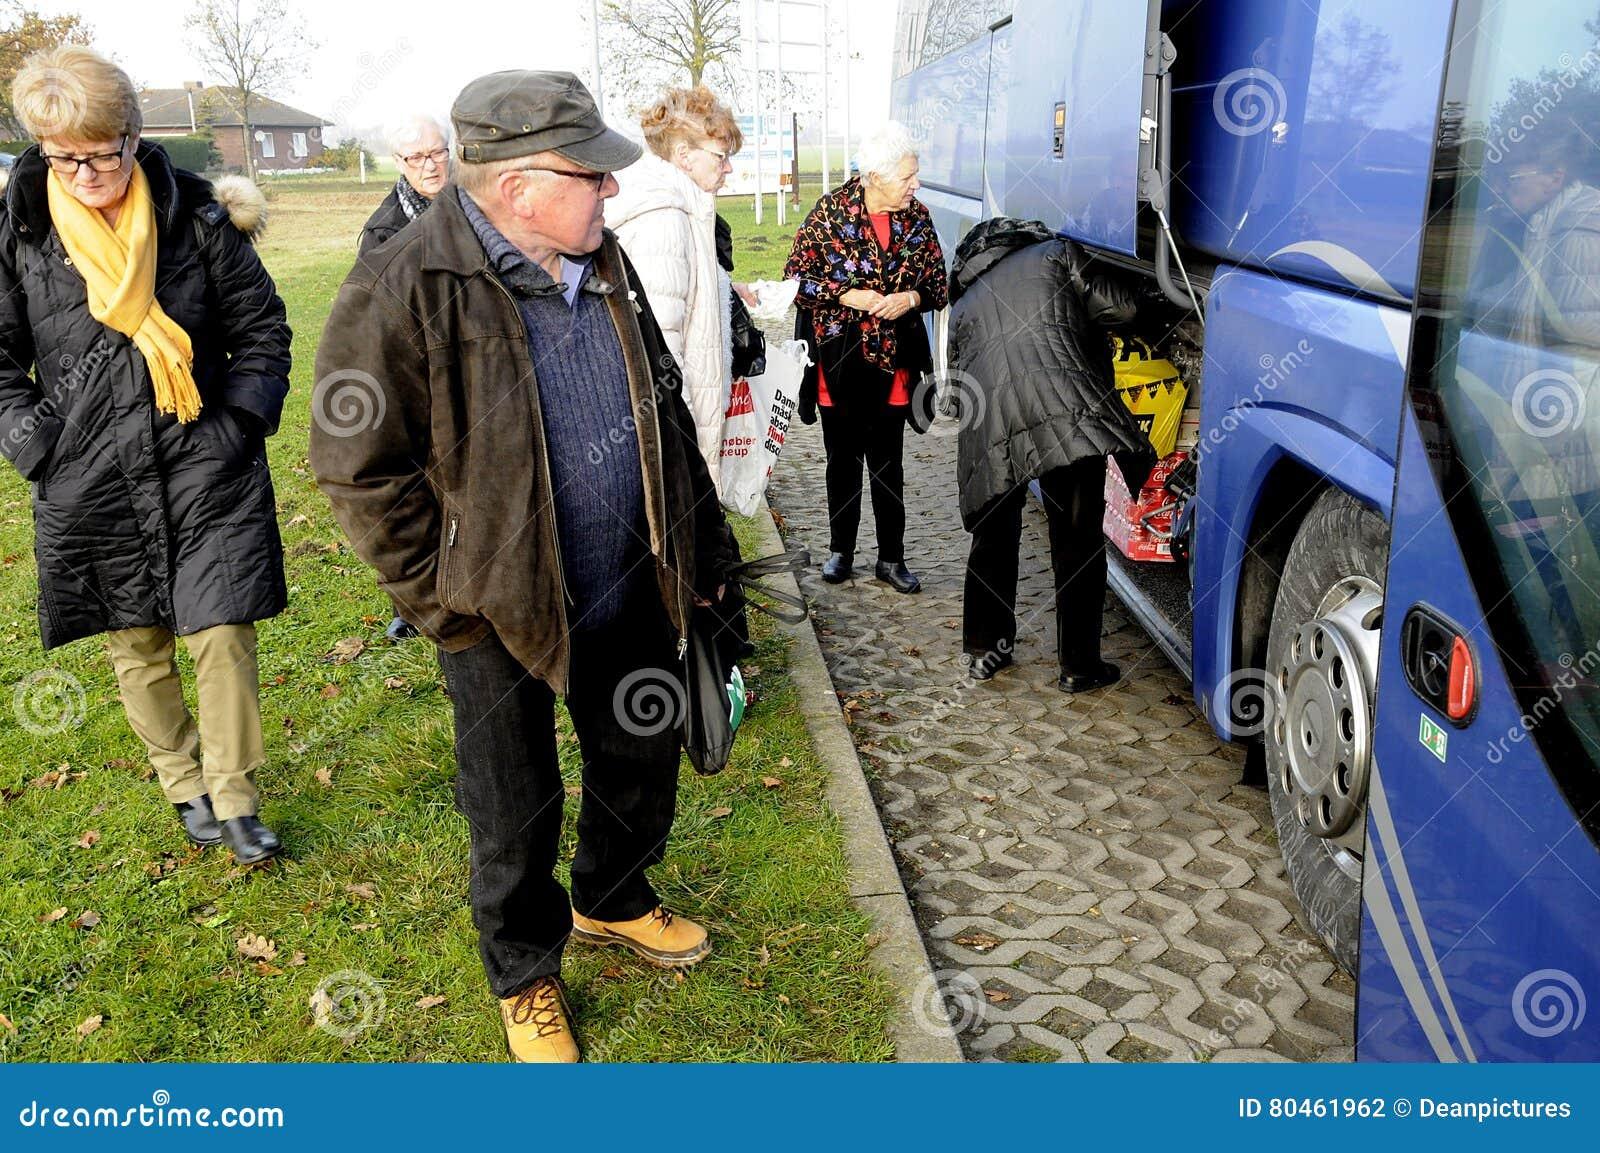 Burg  Femeern Germany двенадцатое  Danes ноября 2016 и shopers schristmas  sweds предыдущие на Fleggard в burg Германии Фото Декан DeanPictures  Фрэнсиса ... c8258659be9